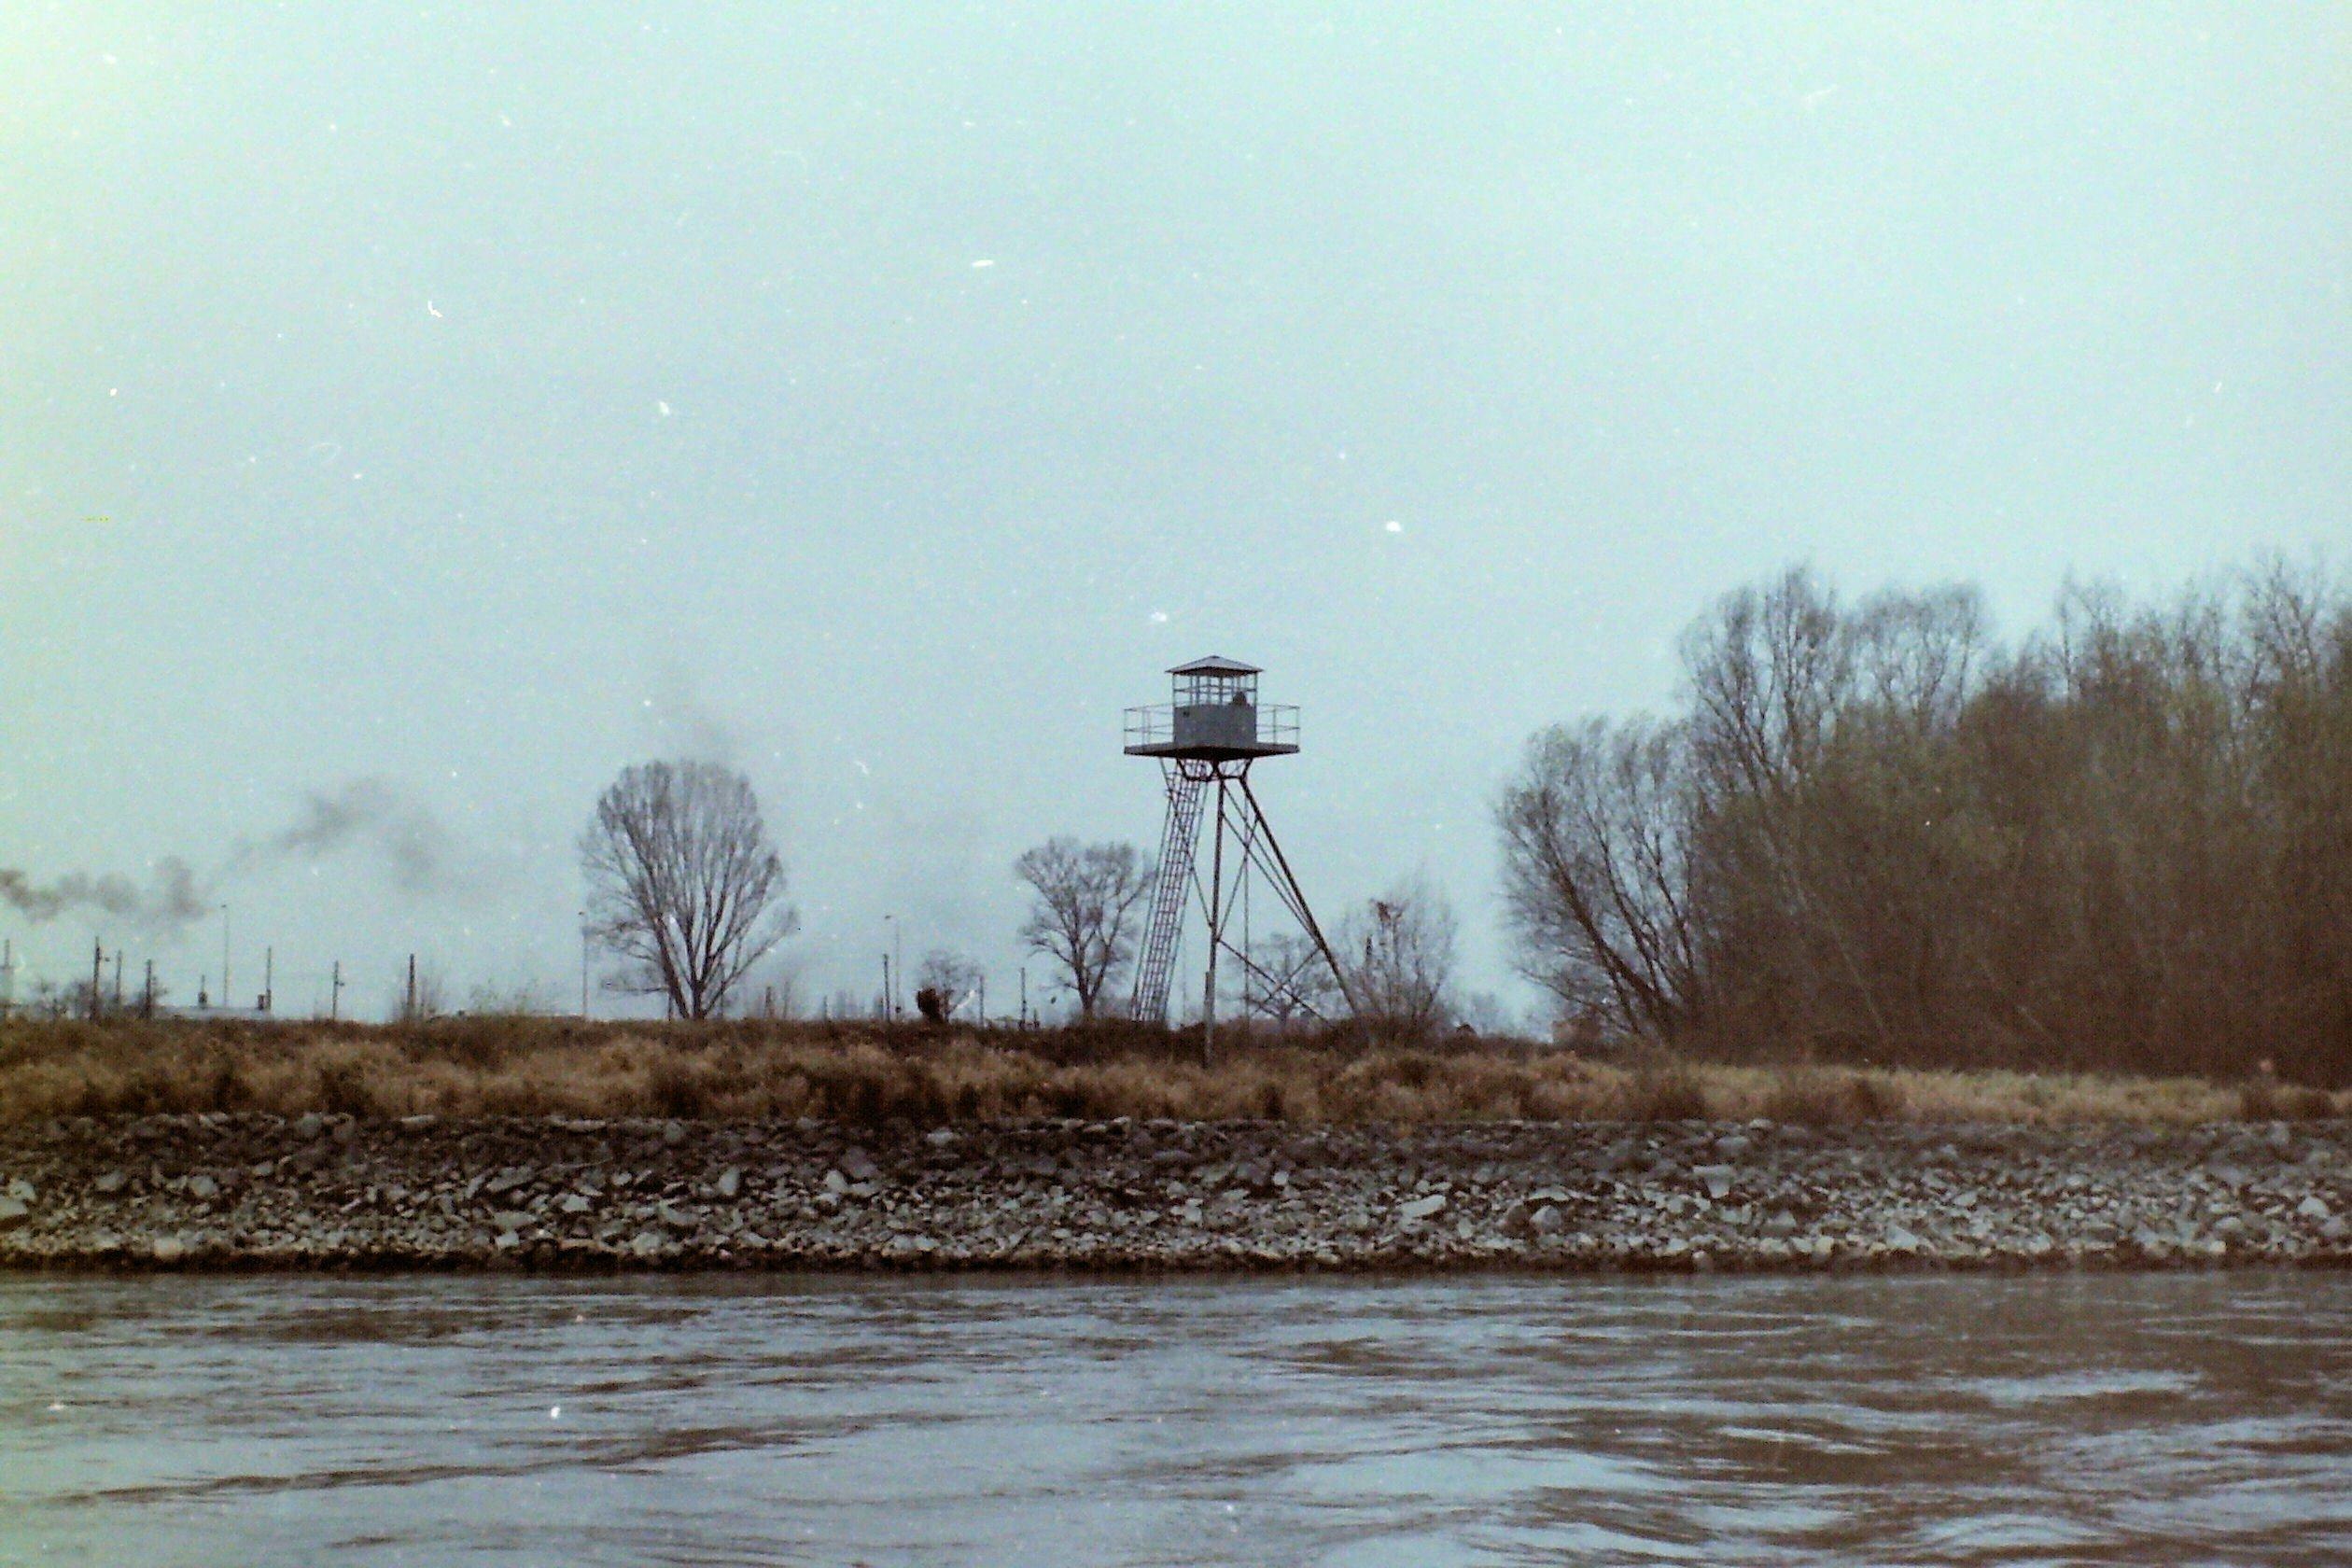 Eiserner Turm am Ufer zur Grenzkontrolle